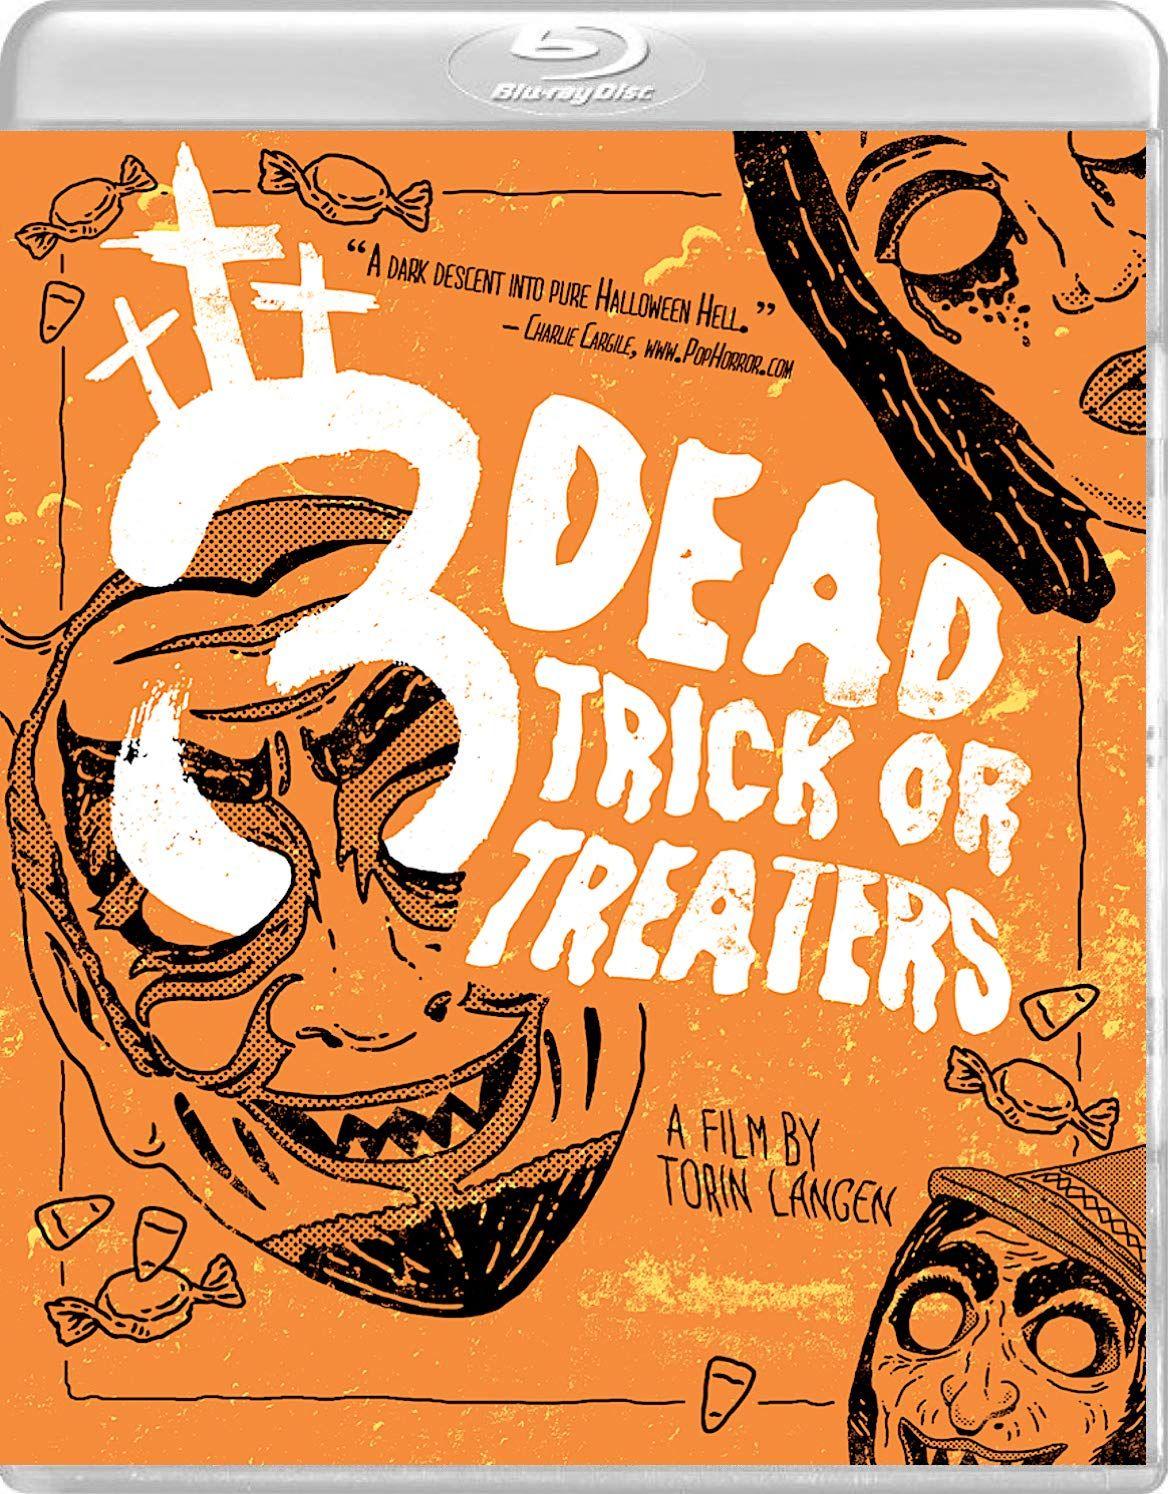 3 DEAD TRICK OR TREATERS BLURAY (VIDEONOMICON) Trick or